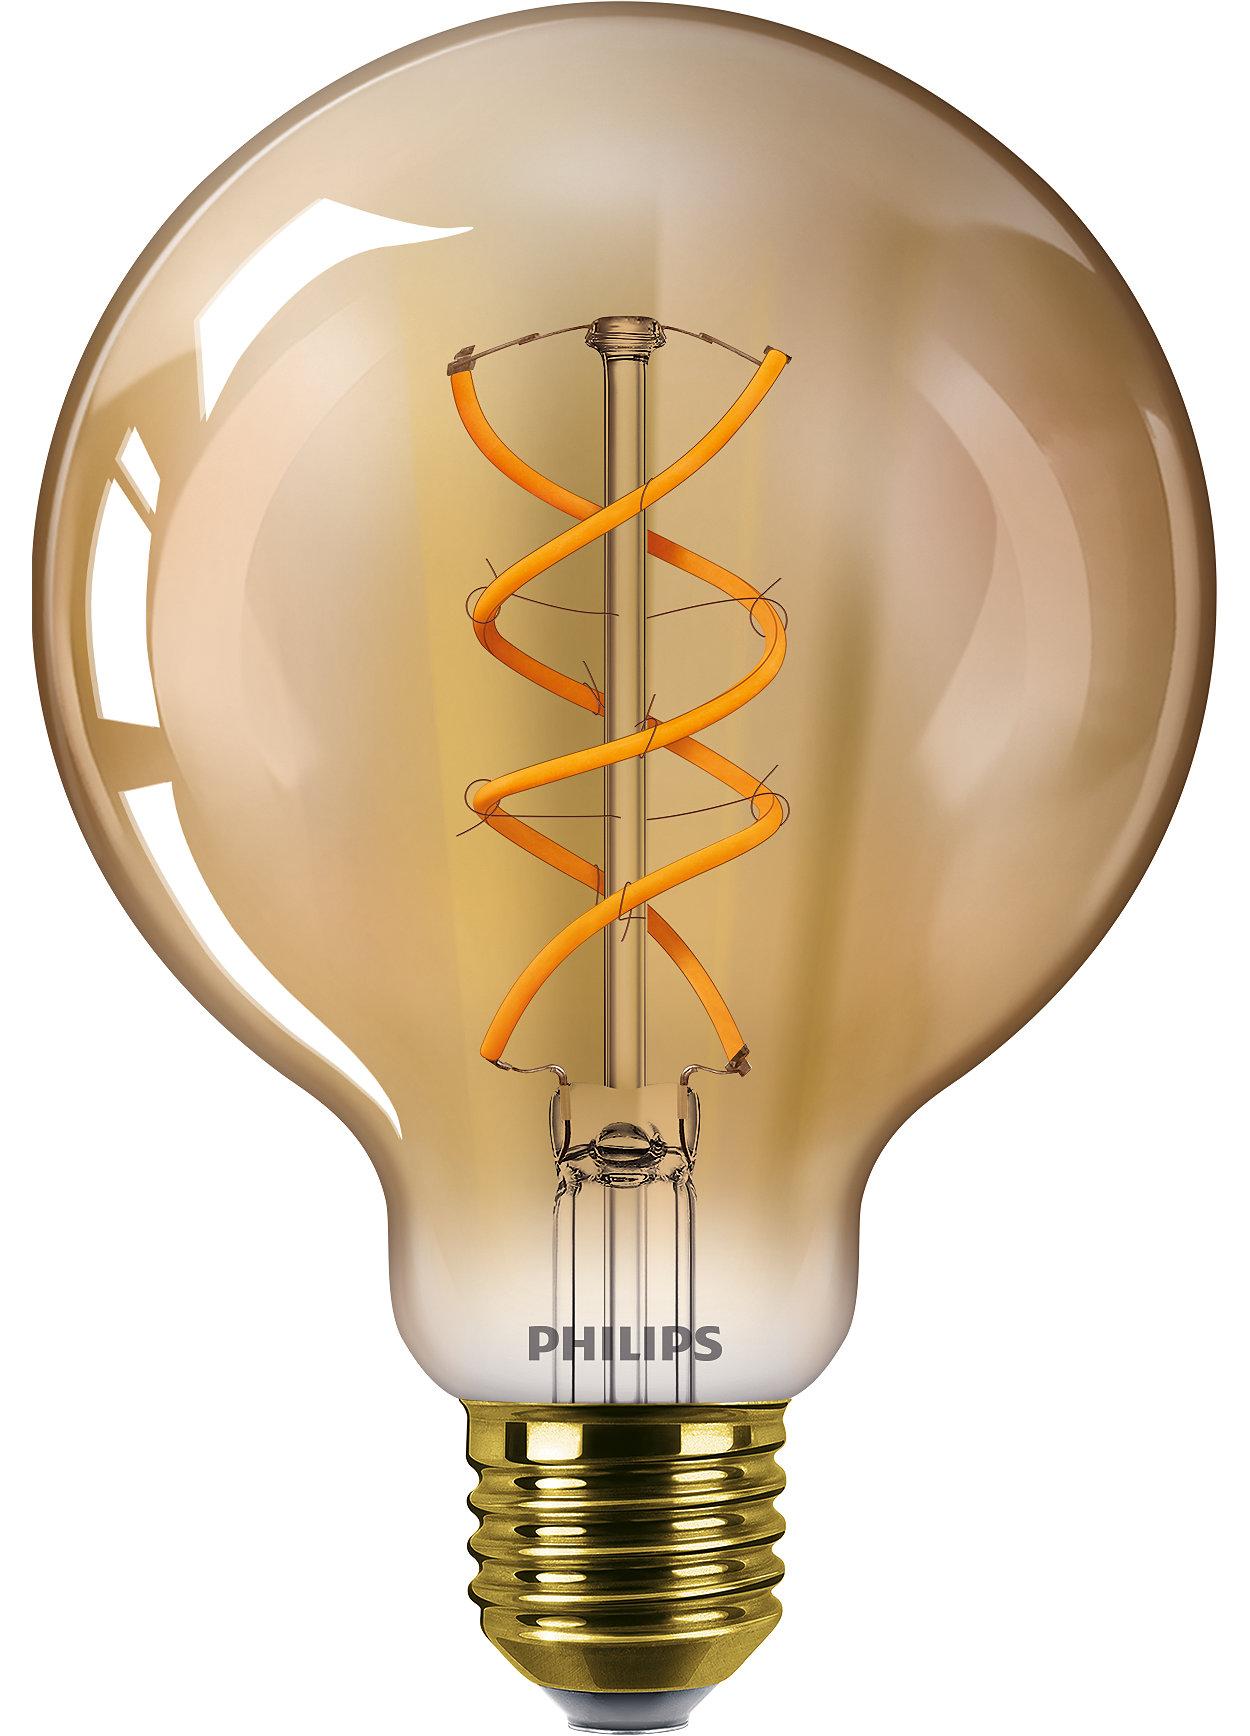 Conçues pour être vues, les lampes décoratives offrent un rendu agréable aussi bien allumées qu'éteintes